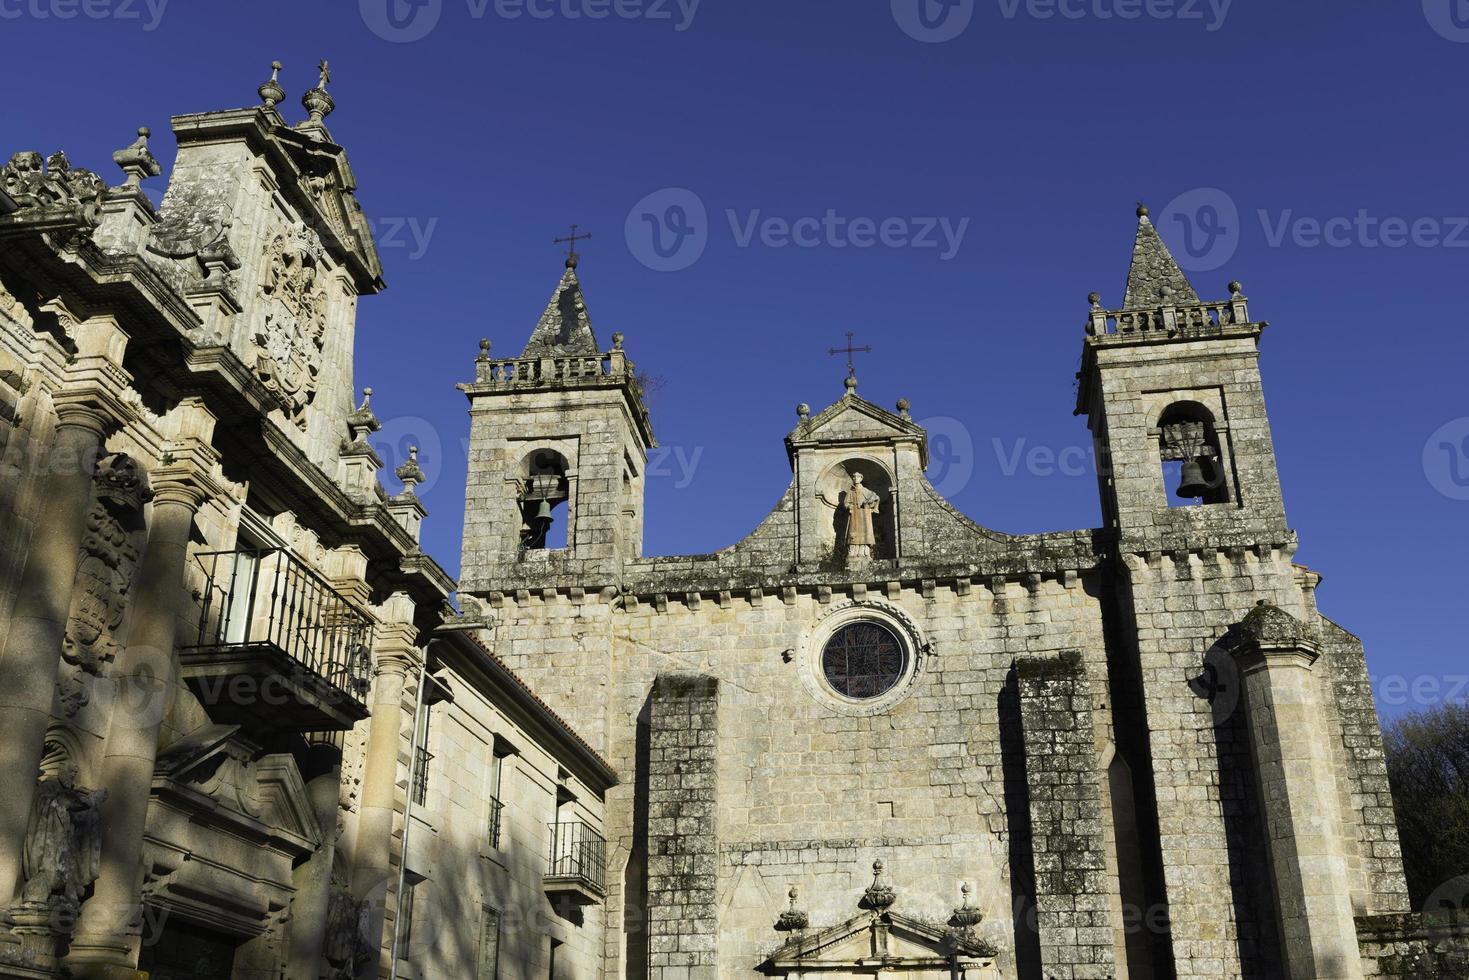 Monasterio de San Estevo en ourense contra un cielo azul claro foto